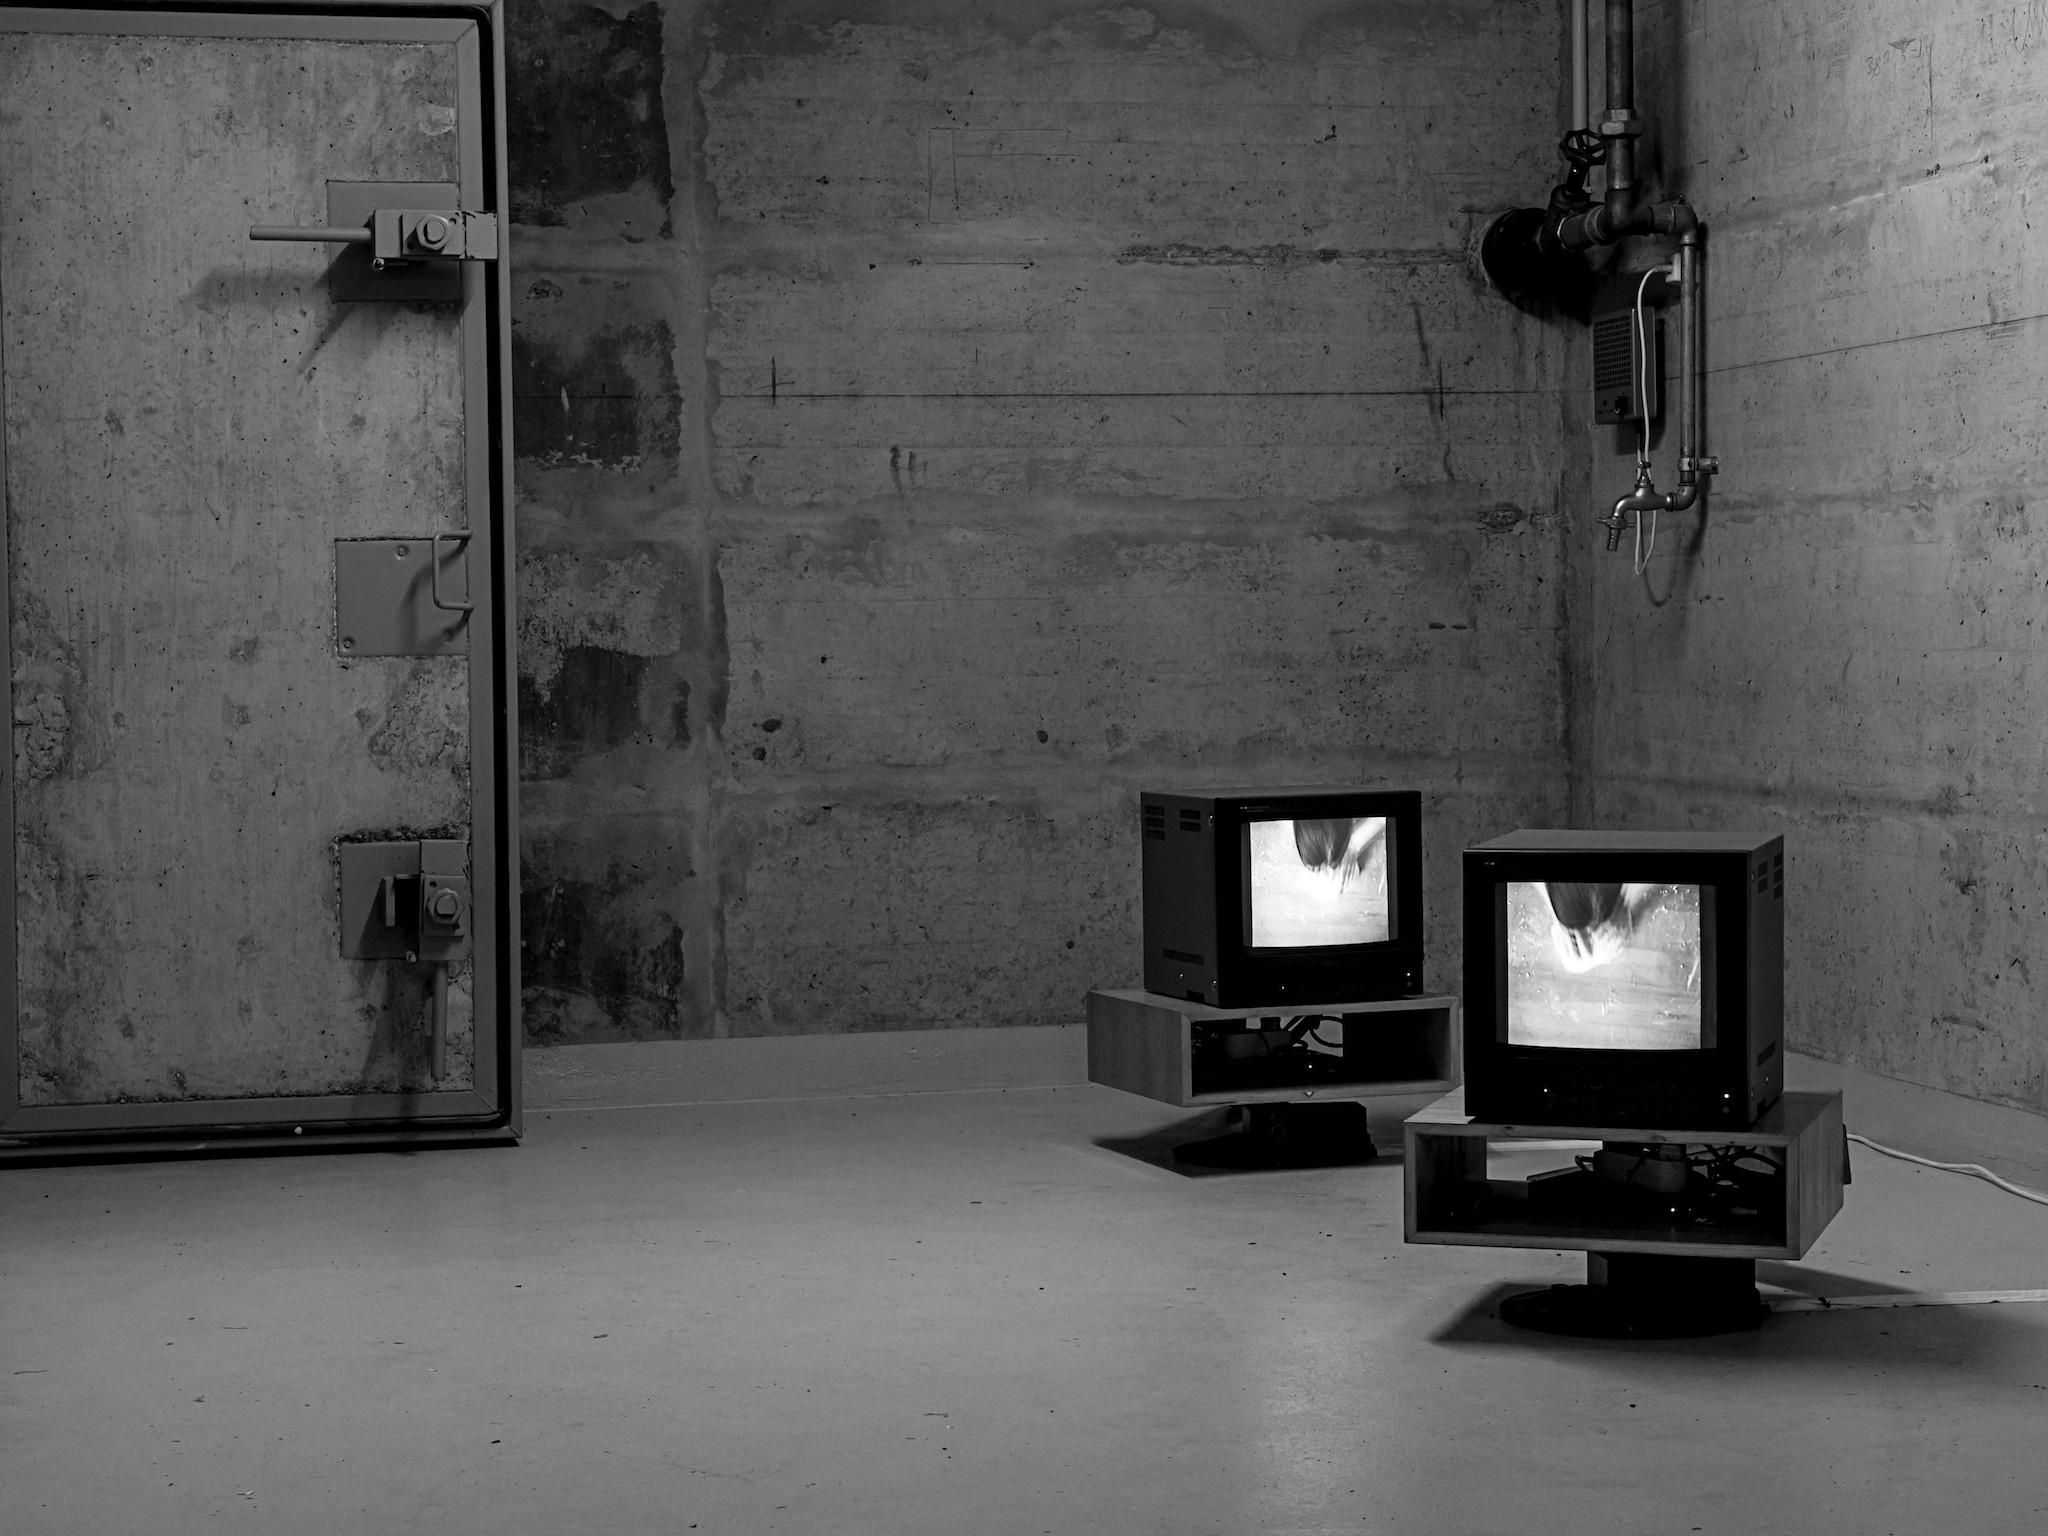 Mischa Kuball | dunkle Kammer | 2014